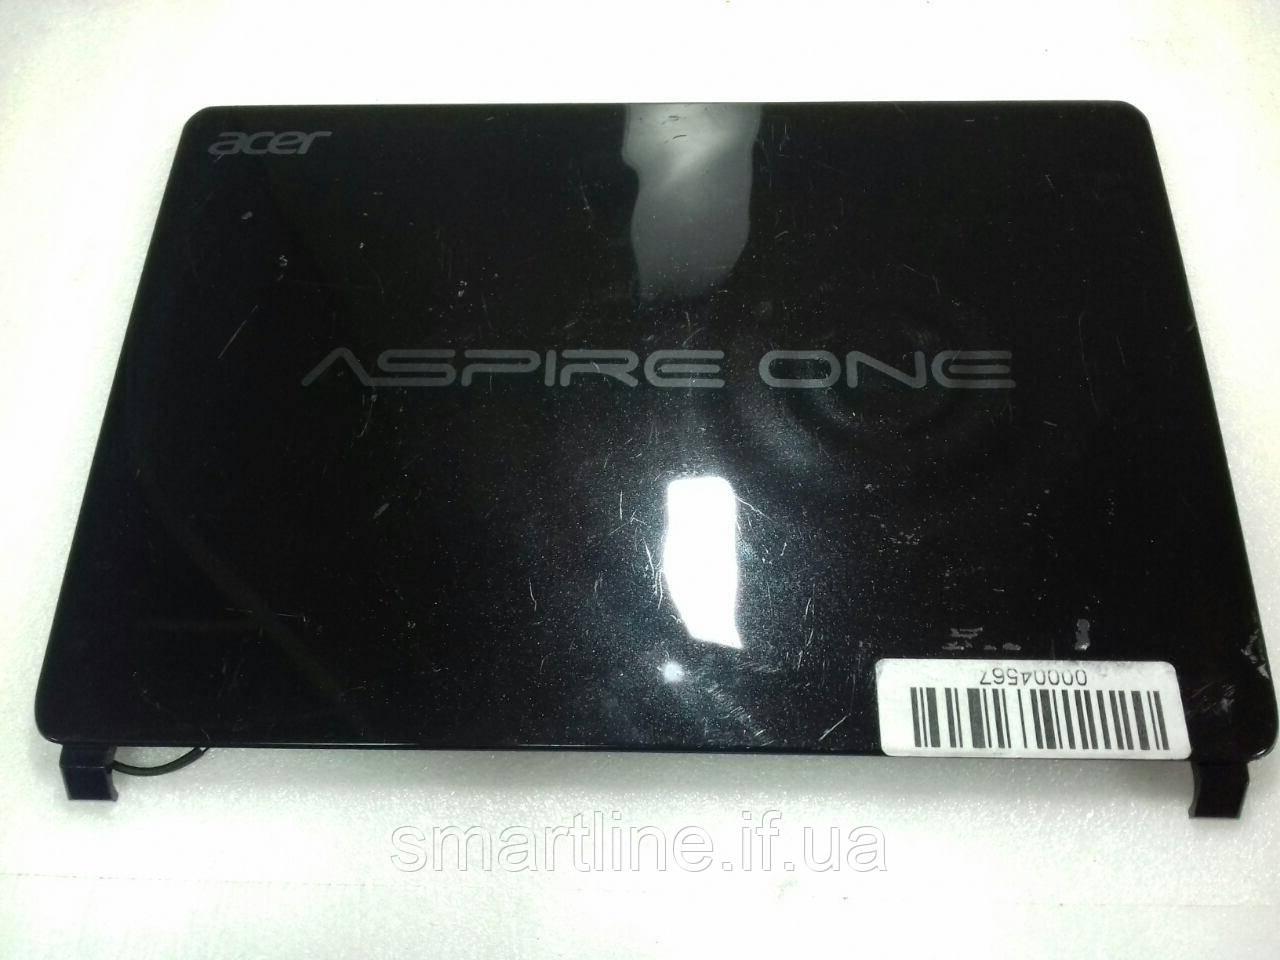 Кришка матриці ноутбука ACER Aspire One D270